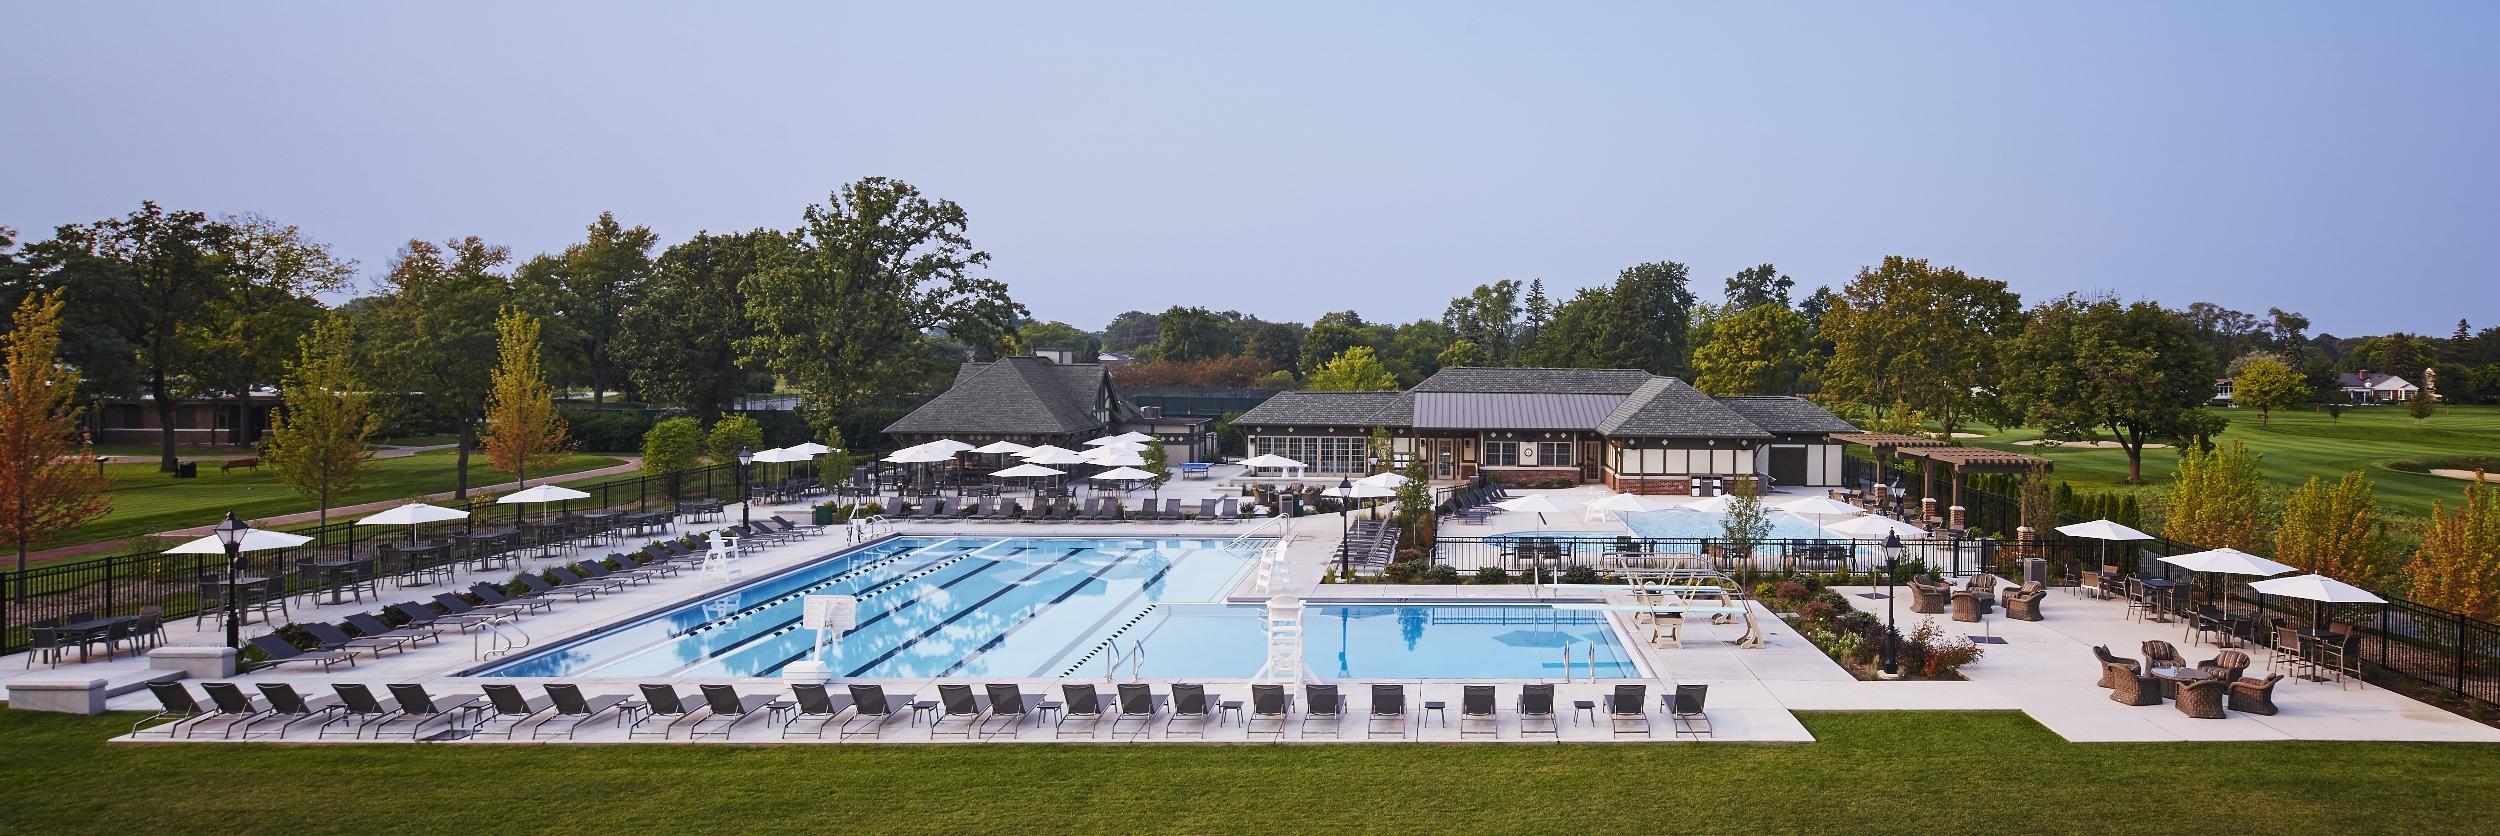 Pool view, Evanston Golf Club.